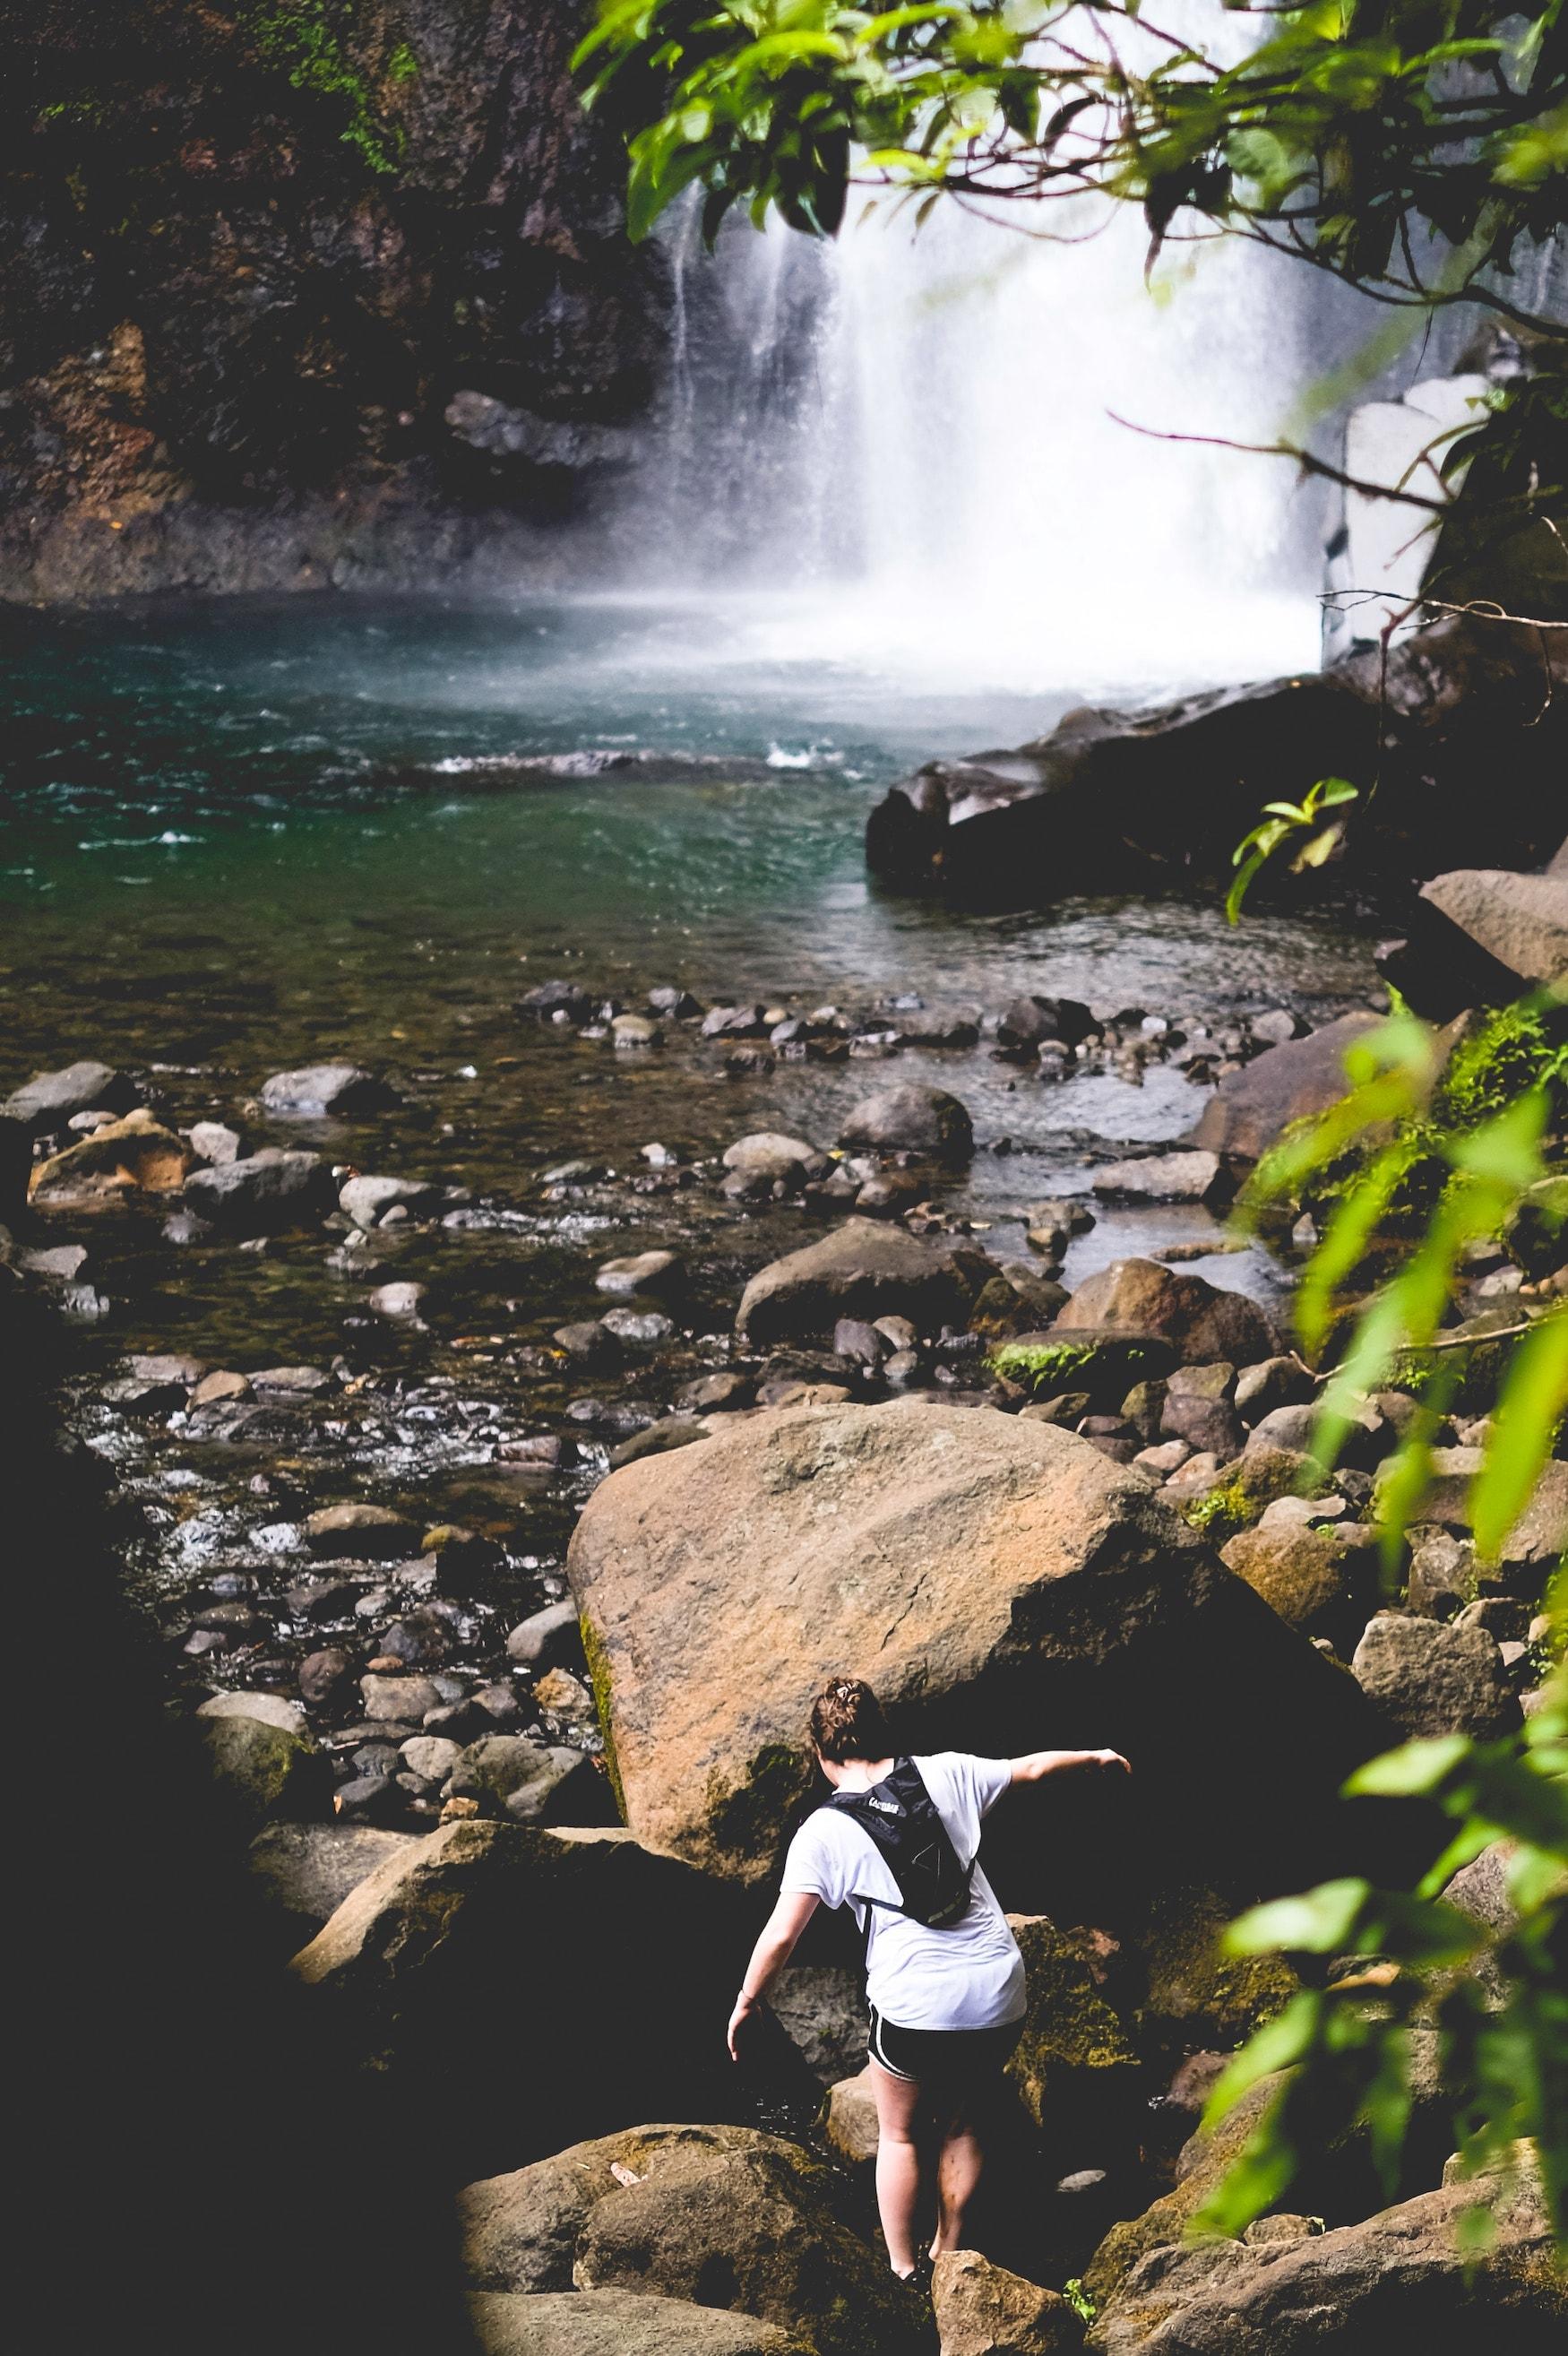 Frau klettert über Steine zu Wasserfall